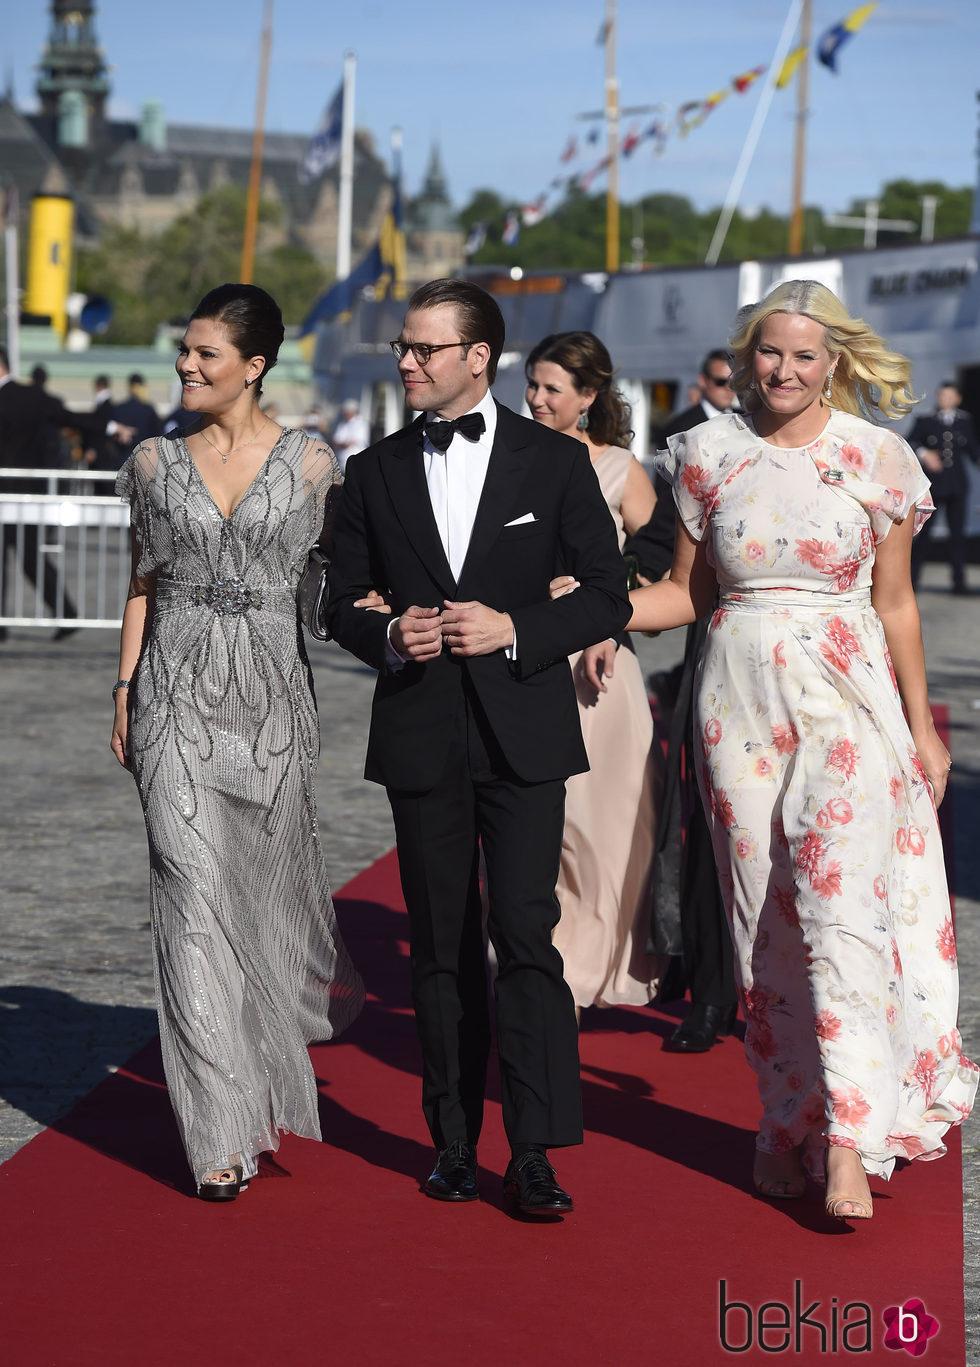 Victoria y Daniel de Suecia con Mette-Marit de Noruega en la cena de gala previa a la boda de Carlos Felipe de Suecia y Sofia Hellqvist